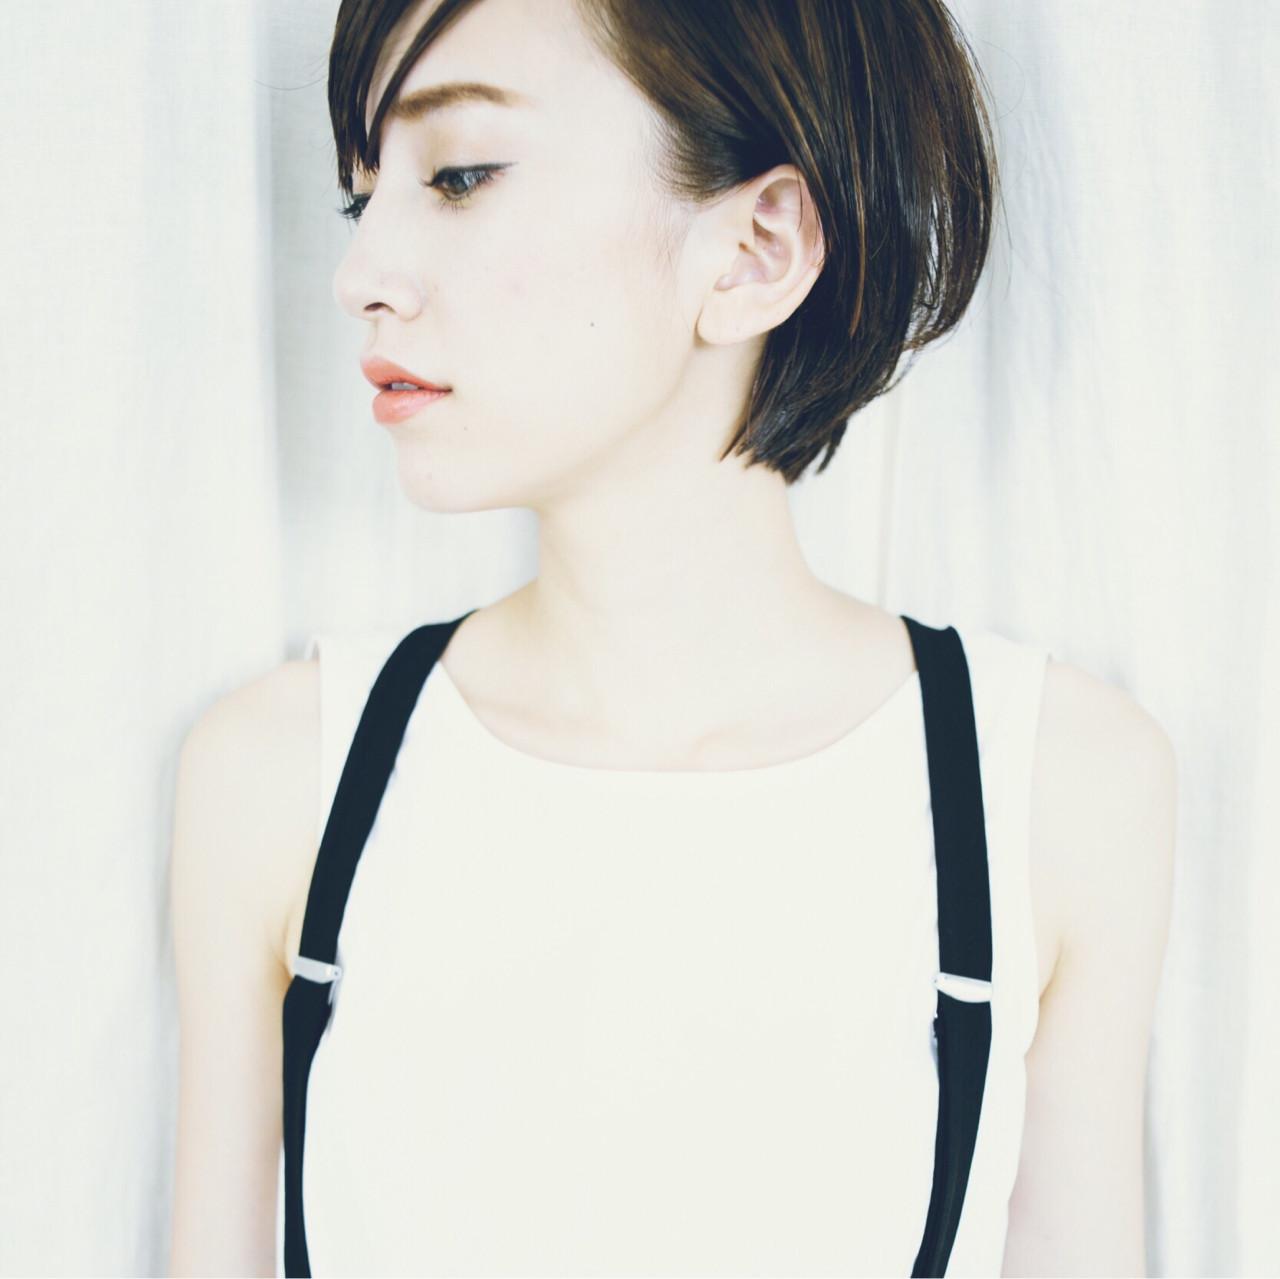 ハイライト ショート モード 暗髪 ヘアスタイルや髪型の写真・画像